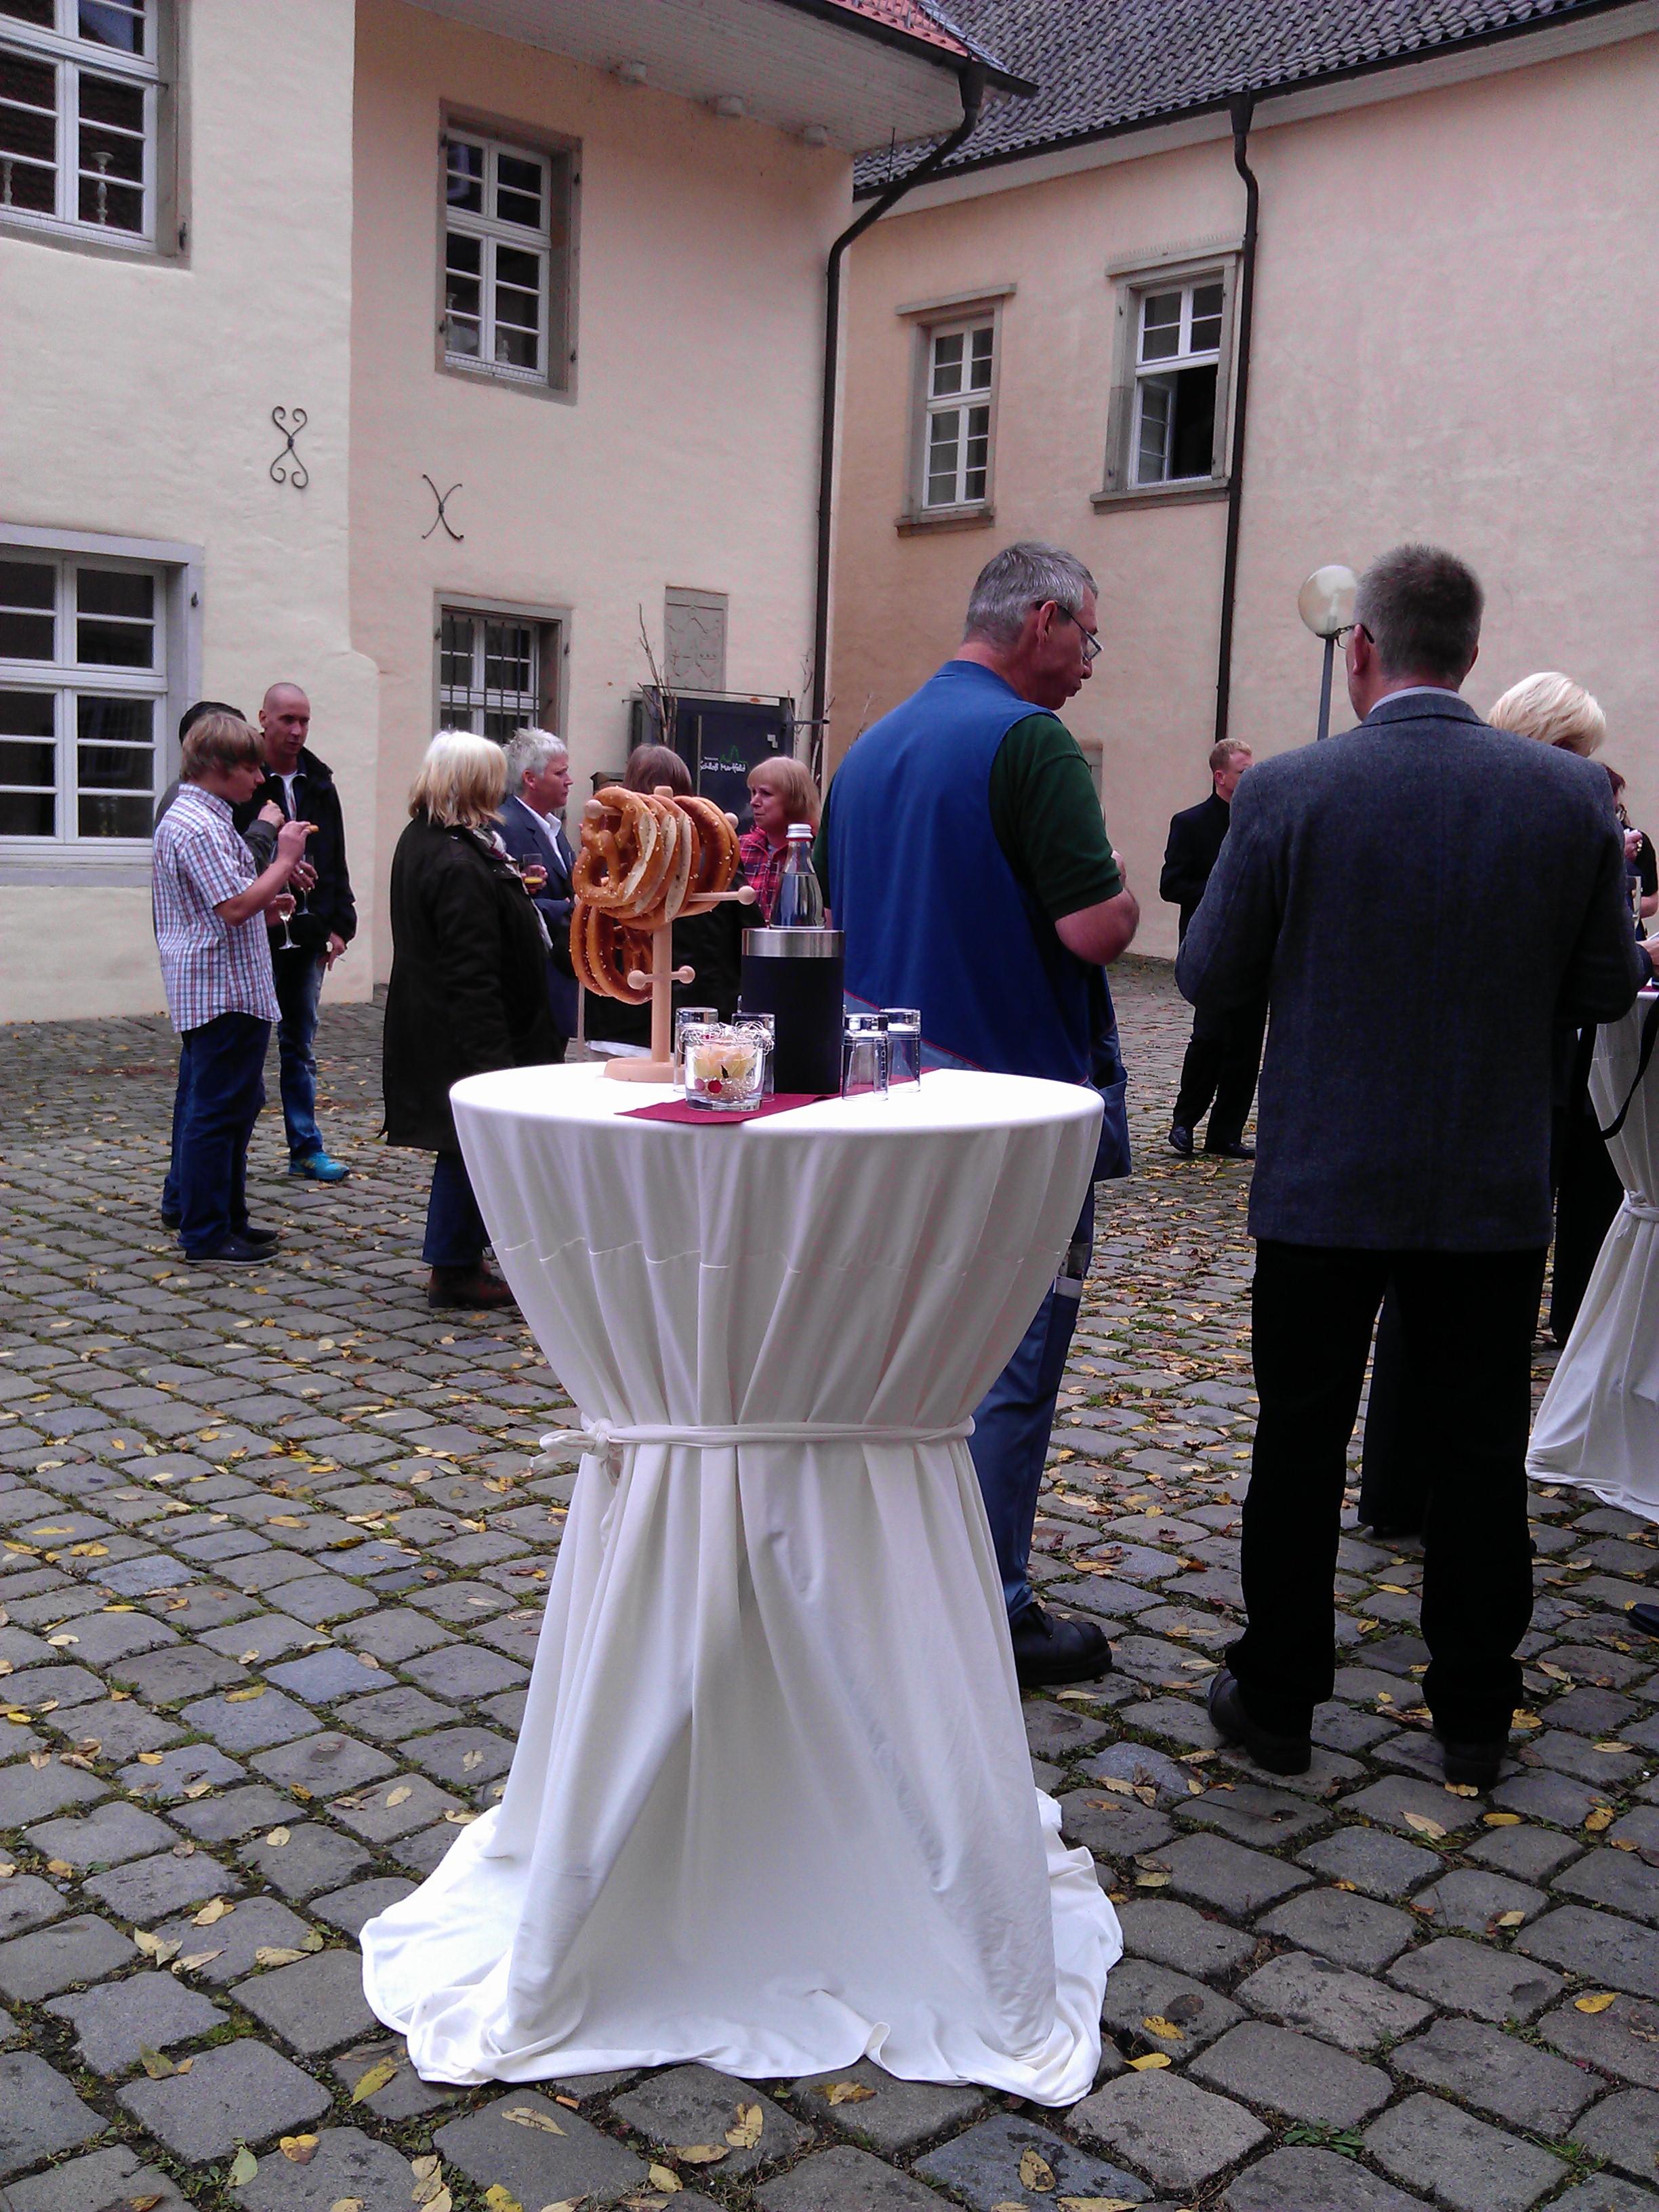 Sektempfang Schloss Martfeld Schwelm -6 | ©ihrehochzeitstauben